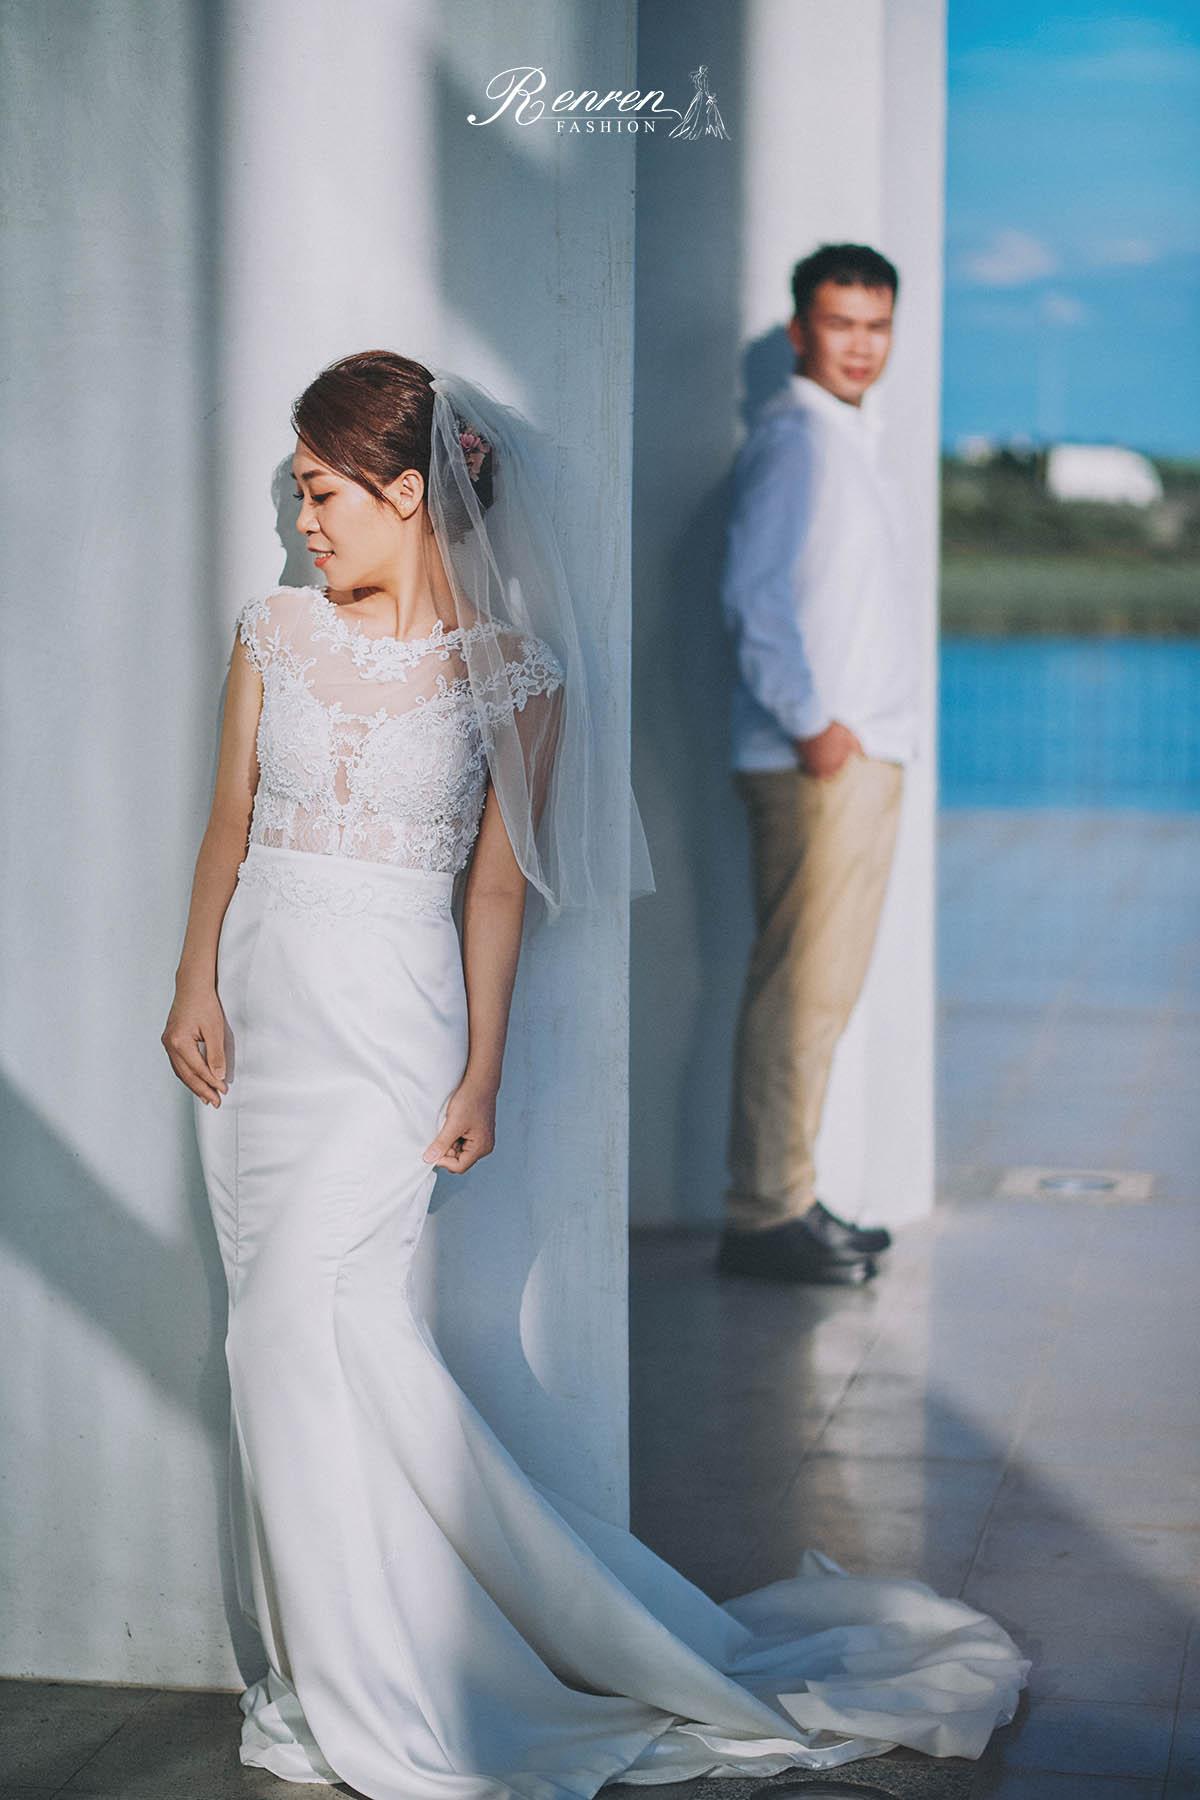 冉冉 台中婚紗 歐美婚紗 美式婚紗 雜誌風婚紗 彰濱